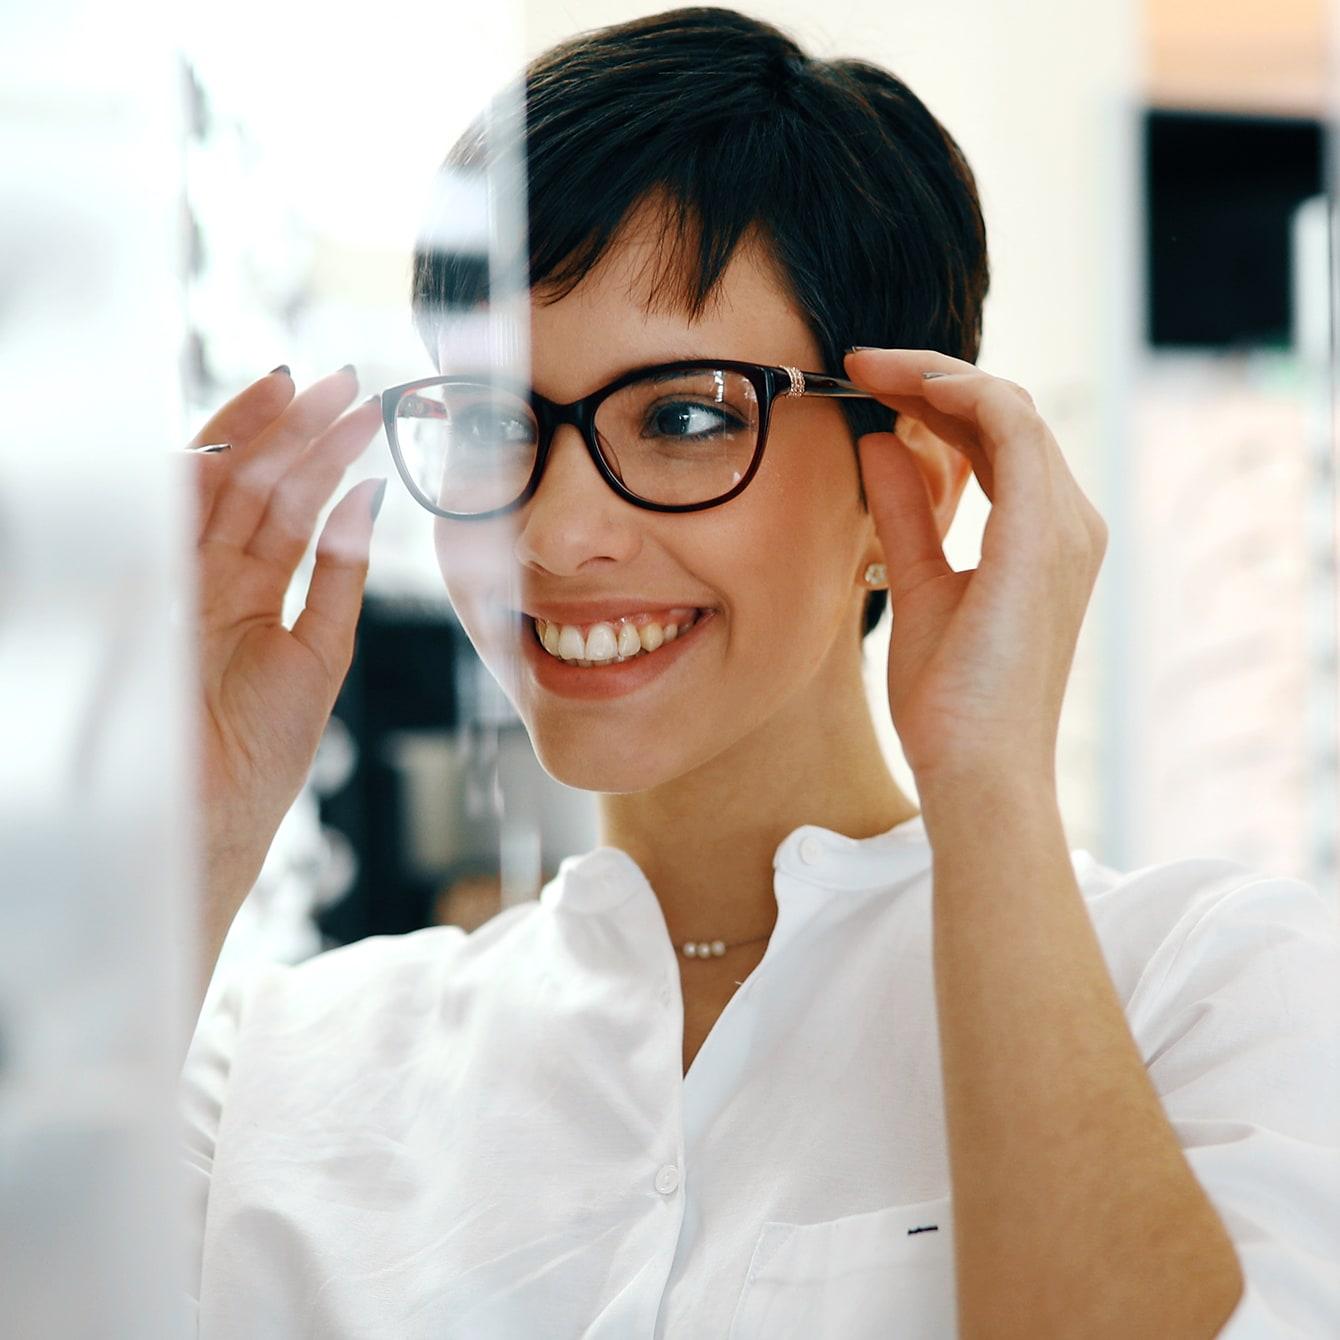 40代のメガネ選び「顔型、好みでえらんでいい?」